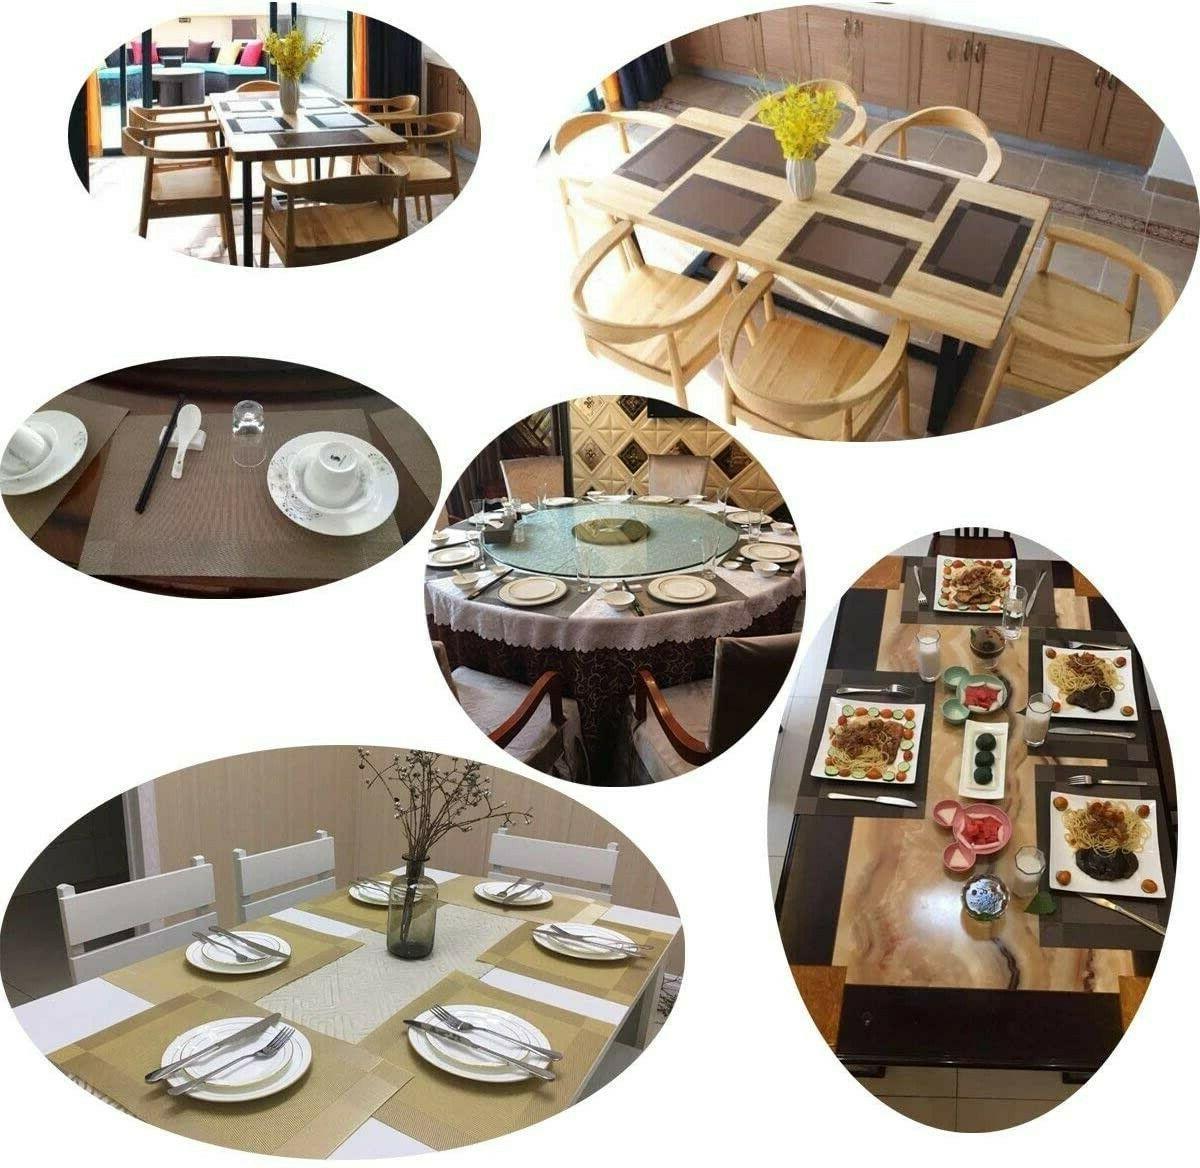 Set 4 Blue PVC Non Slip Table Place 12x18